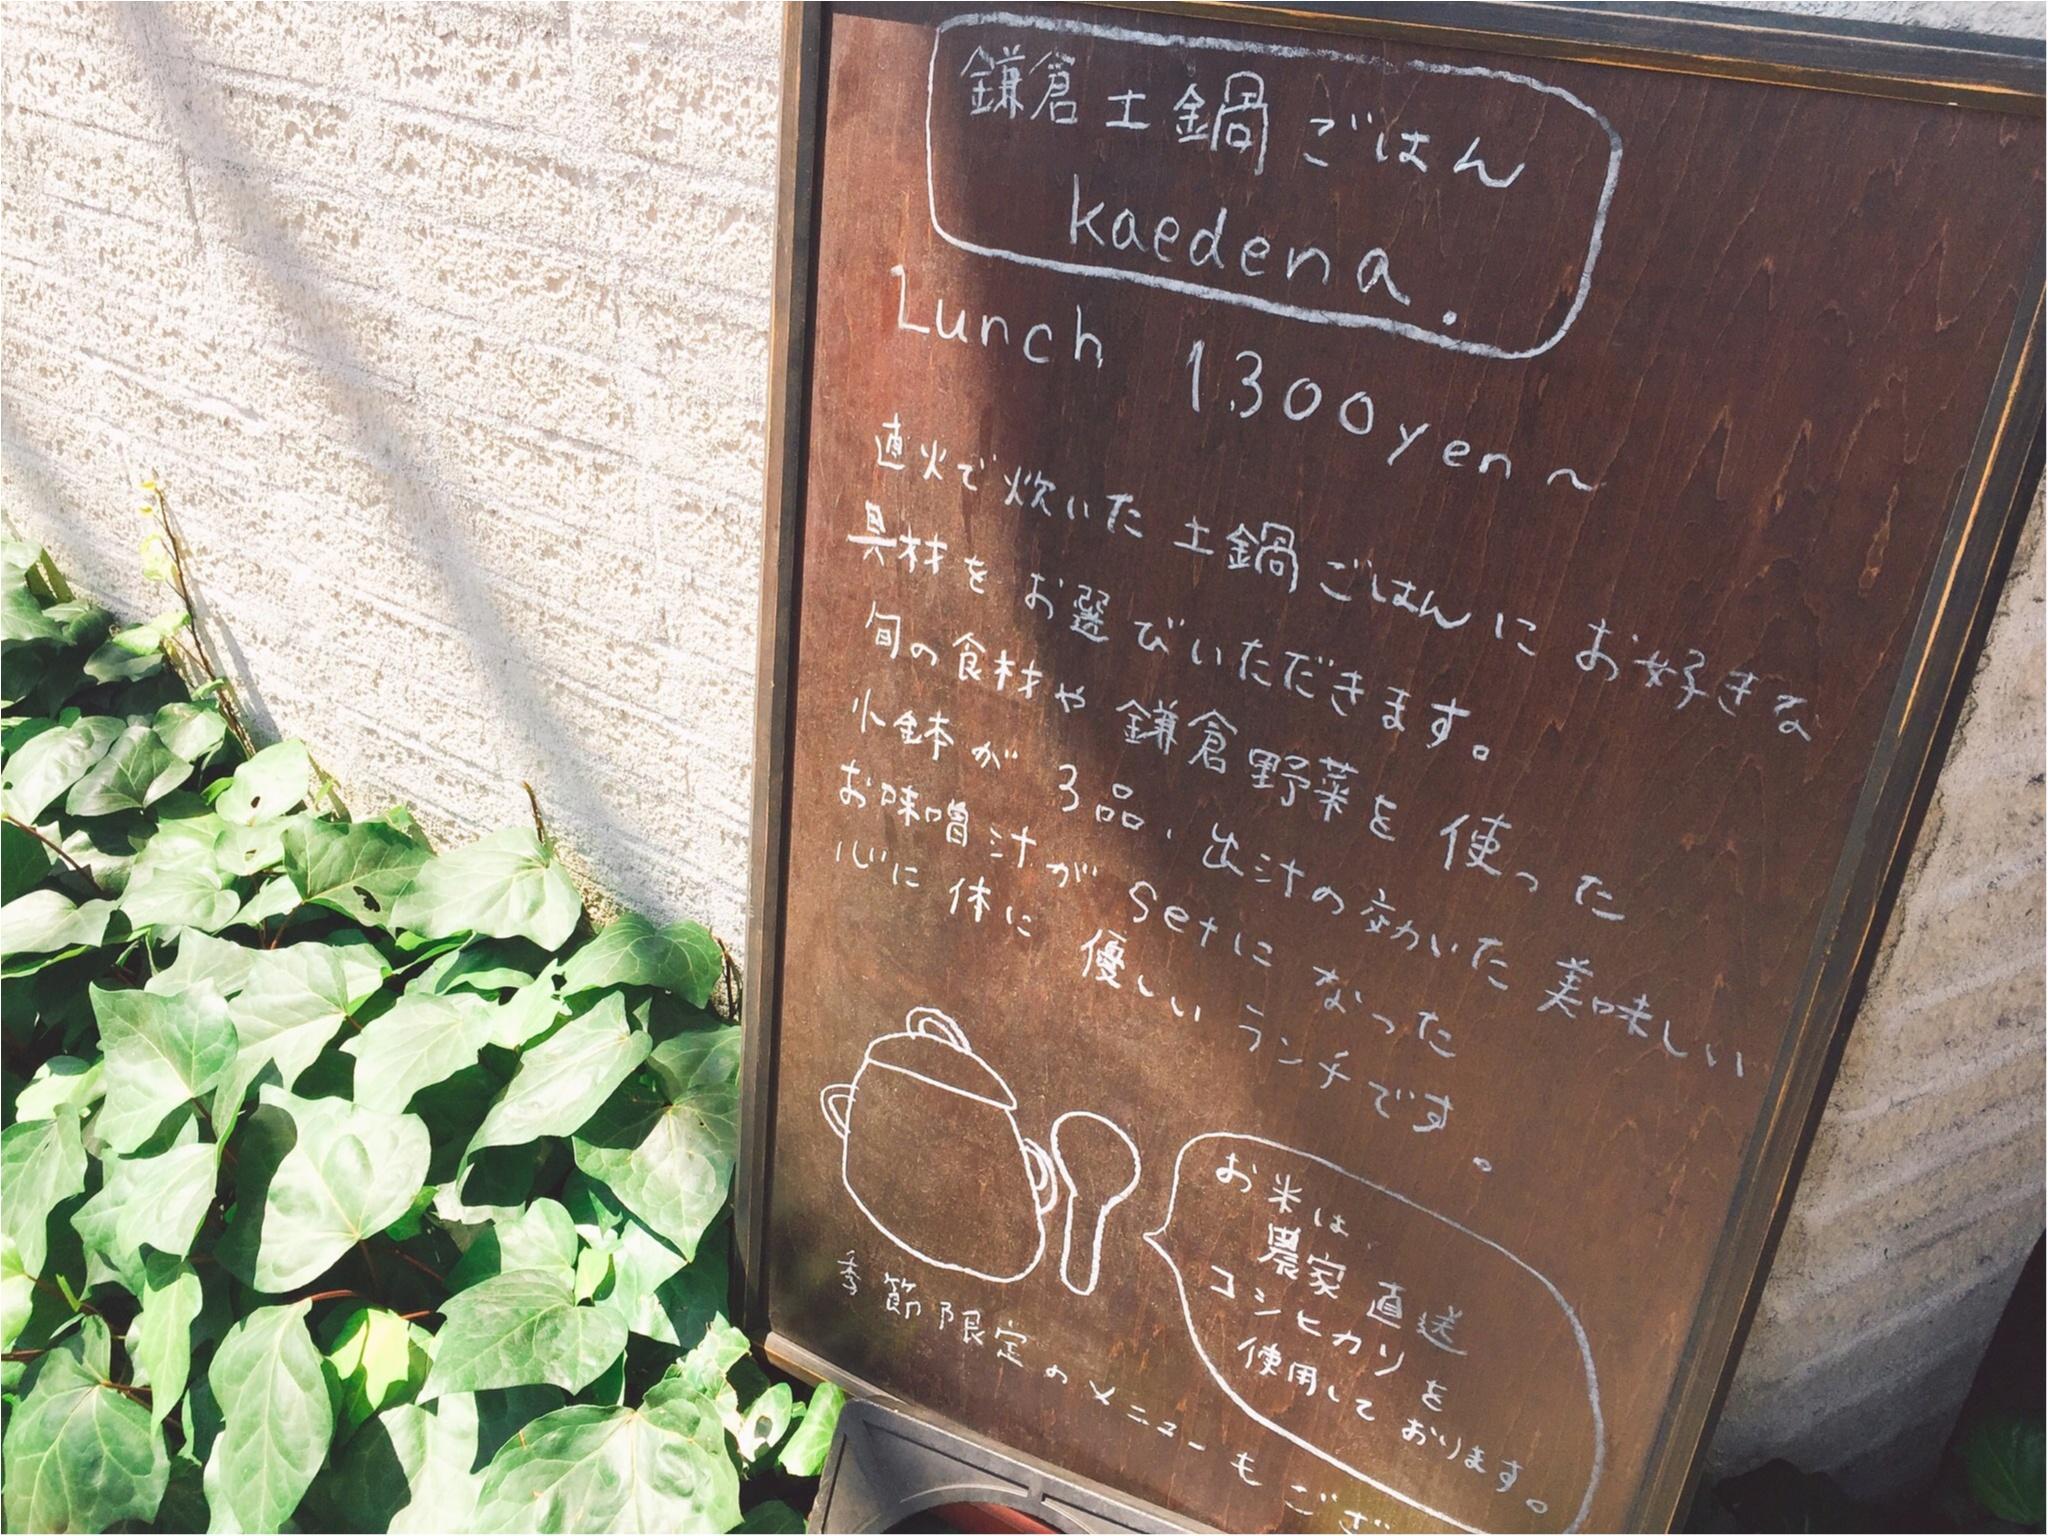 【鎌倉・長谷寺】紫陽花が見頃!待ち時間にオススメのランチスポットをご紹介♡_6